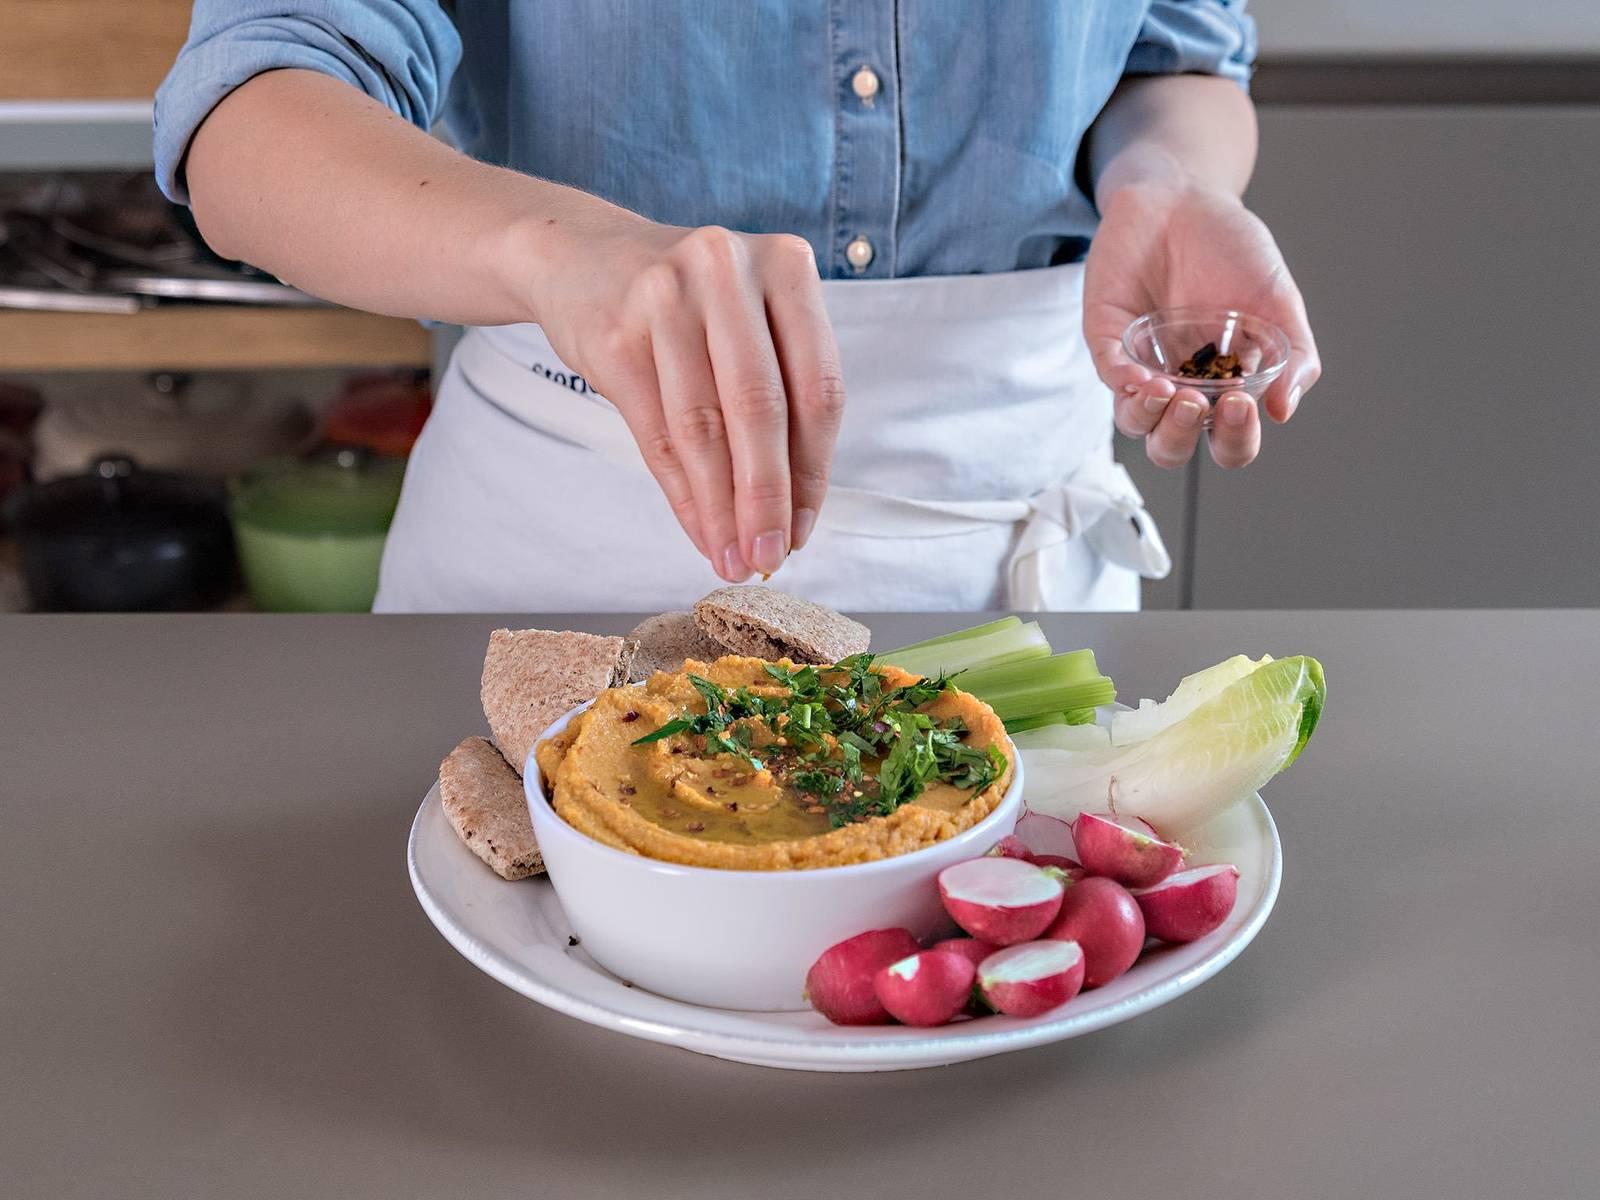 将鹰嘴豆泥放到上菜碗中,淋上橄榄油,撒辣椒粉和摩洛哥综合香料调味。将皮塔饼切成三角形,烤一烤,佐以鹰嘴豆泥享用!